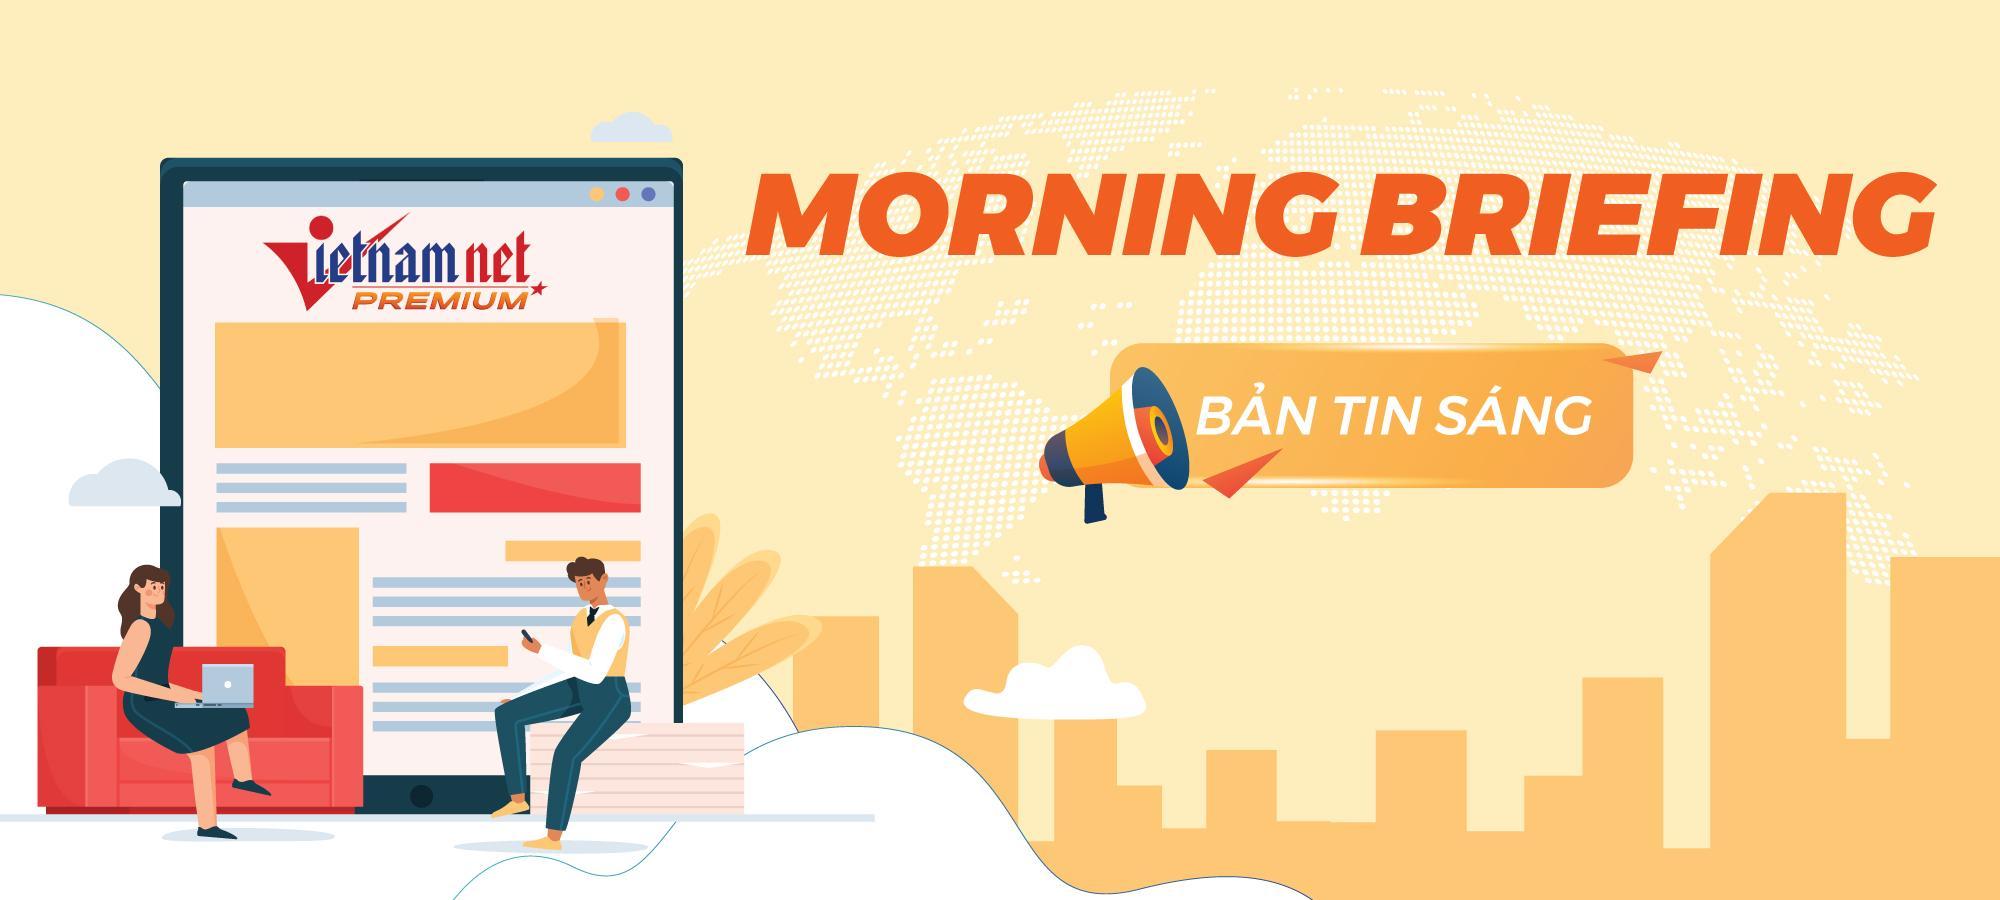 Bản tin sáng VietNamNet (14/10/2021)